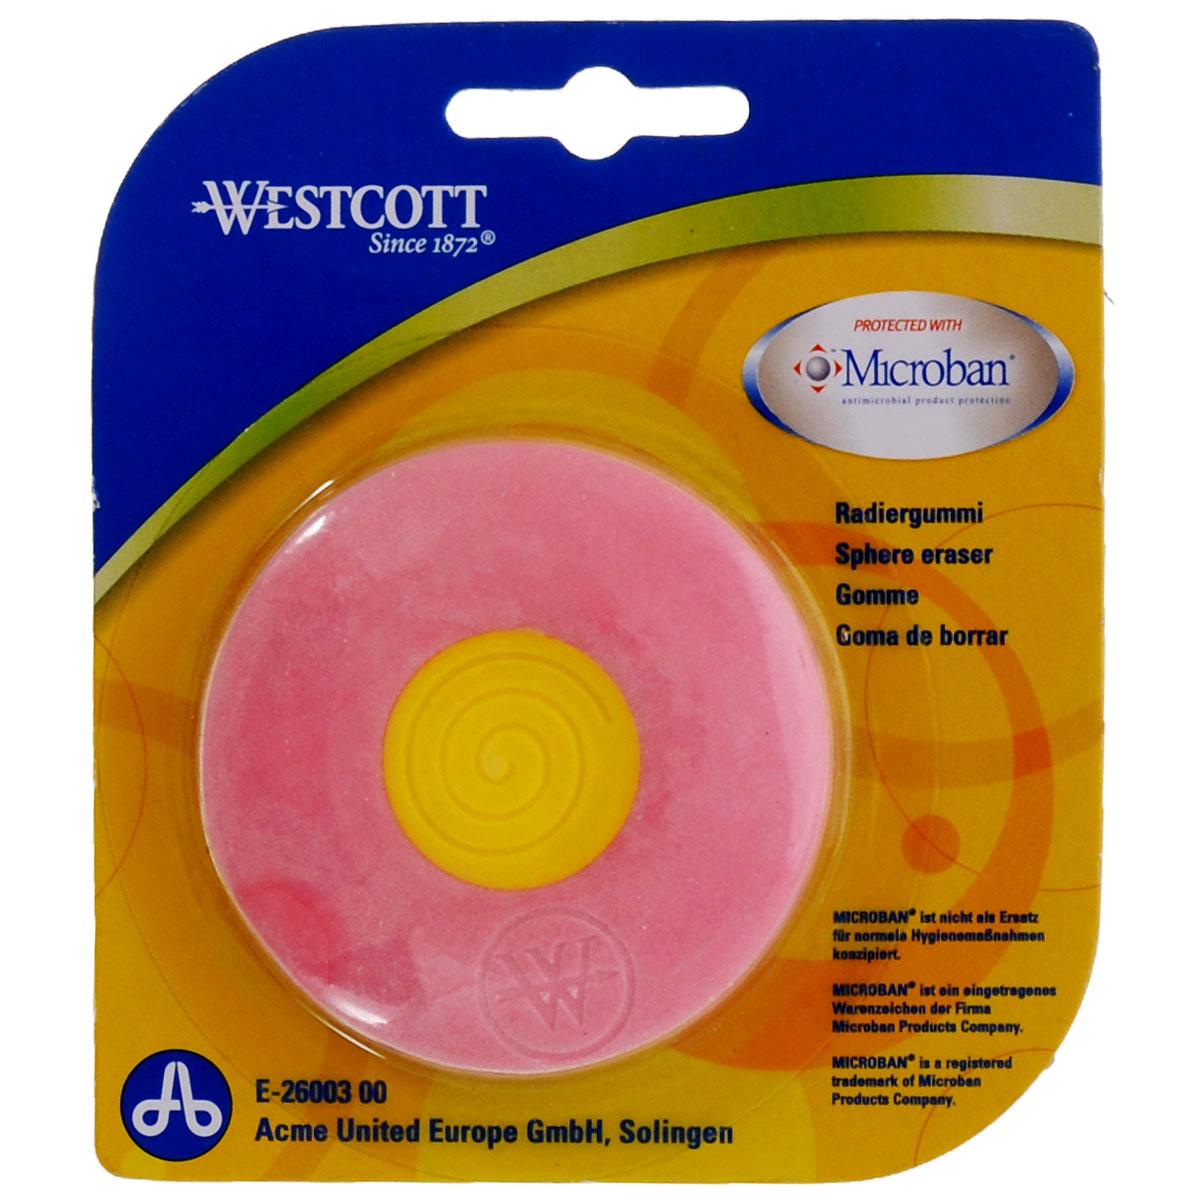 Ластик Westcott Microban, с антибактериальным покрытием, цвет: розовыйЕ-26003 00Нас окружает огромное количество бактерий, многие из которых не безопасны, поэтому все большее число товаров выпускается со встроенной антибактериальной защитой. Яркий, двухцветный ластик со встроенной антибактериальной защитой Microban легко и без следа удаляет надписи, сделанные карандашом. Для более точного удаления имеет заостренные края. Эффективность защиты Microban подтверждена множеством лабораторных исследований по всему миру. Эффективен против широкого спектра грамположительных и грамотрицательных бактерий и грибков, таких как: сальмонелла, золотистый стафилококк и другие, которые вызывают заболевания, сопровождающиеся расстройством кишечника и грибковыми заболевания. (Всего около 100 микроорганизмов). Ластик сохраняет свои свойства после мытья и в случае механического повреждения изделия. Антибактериальные свойства не исчезают со временем и не снижают свою эффективность. Microban абсолютно безвреден для людей и животных, не вызывает аллергии.